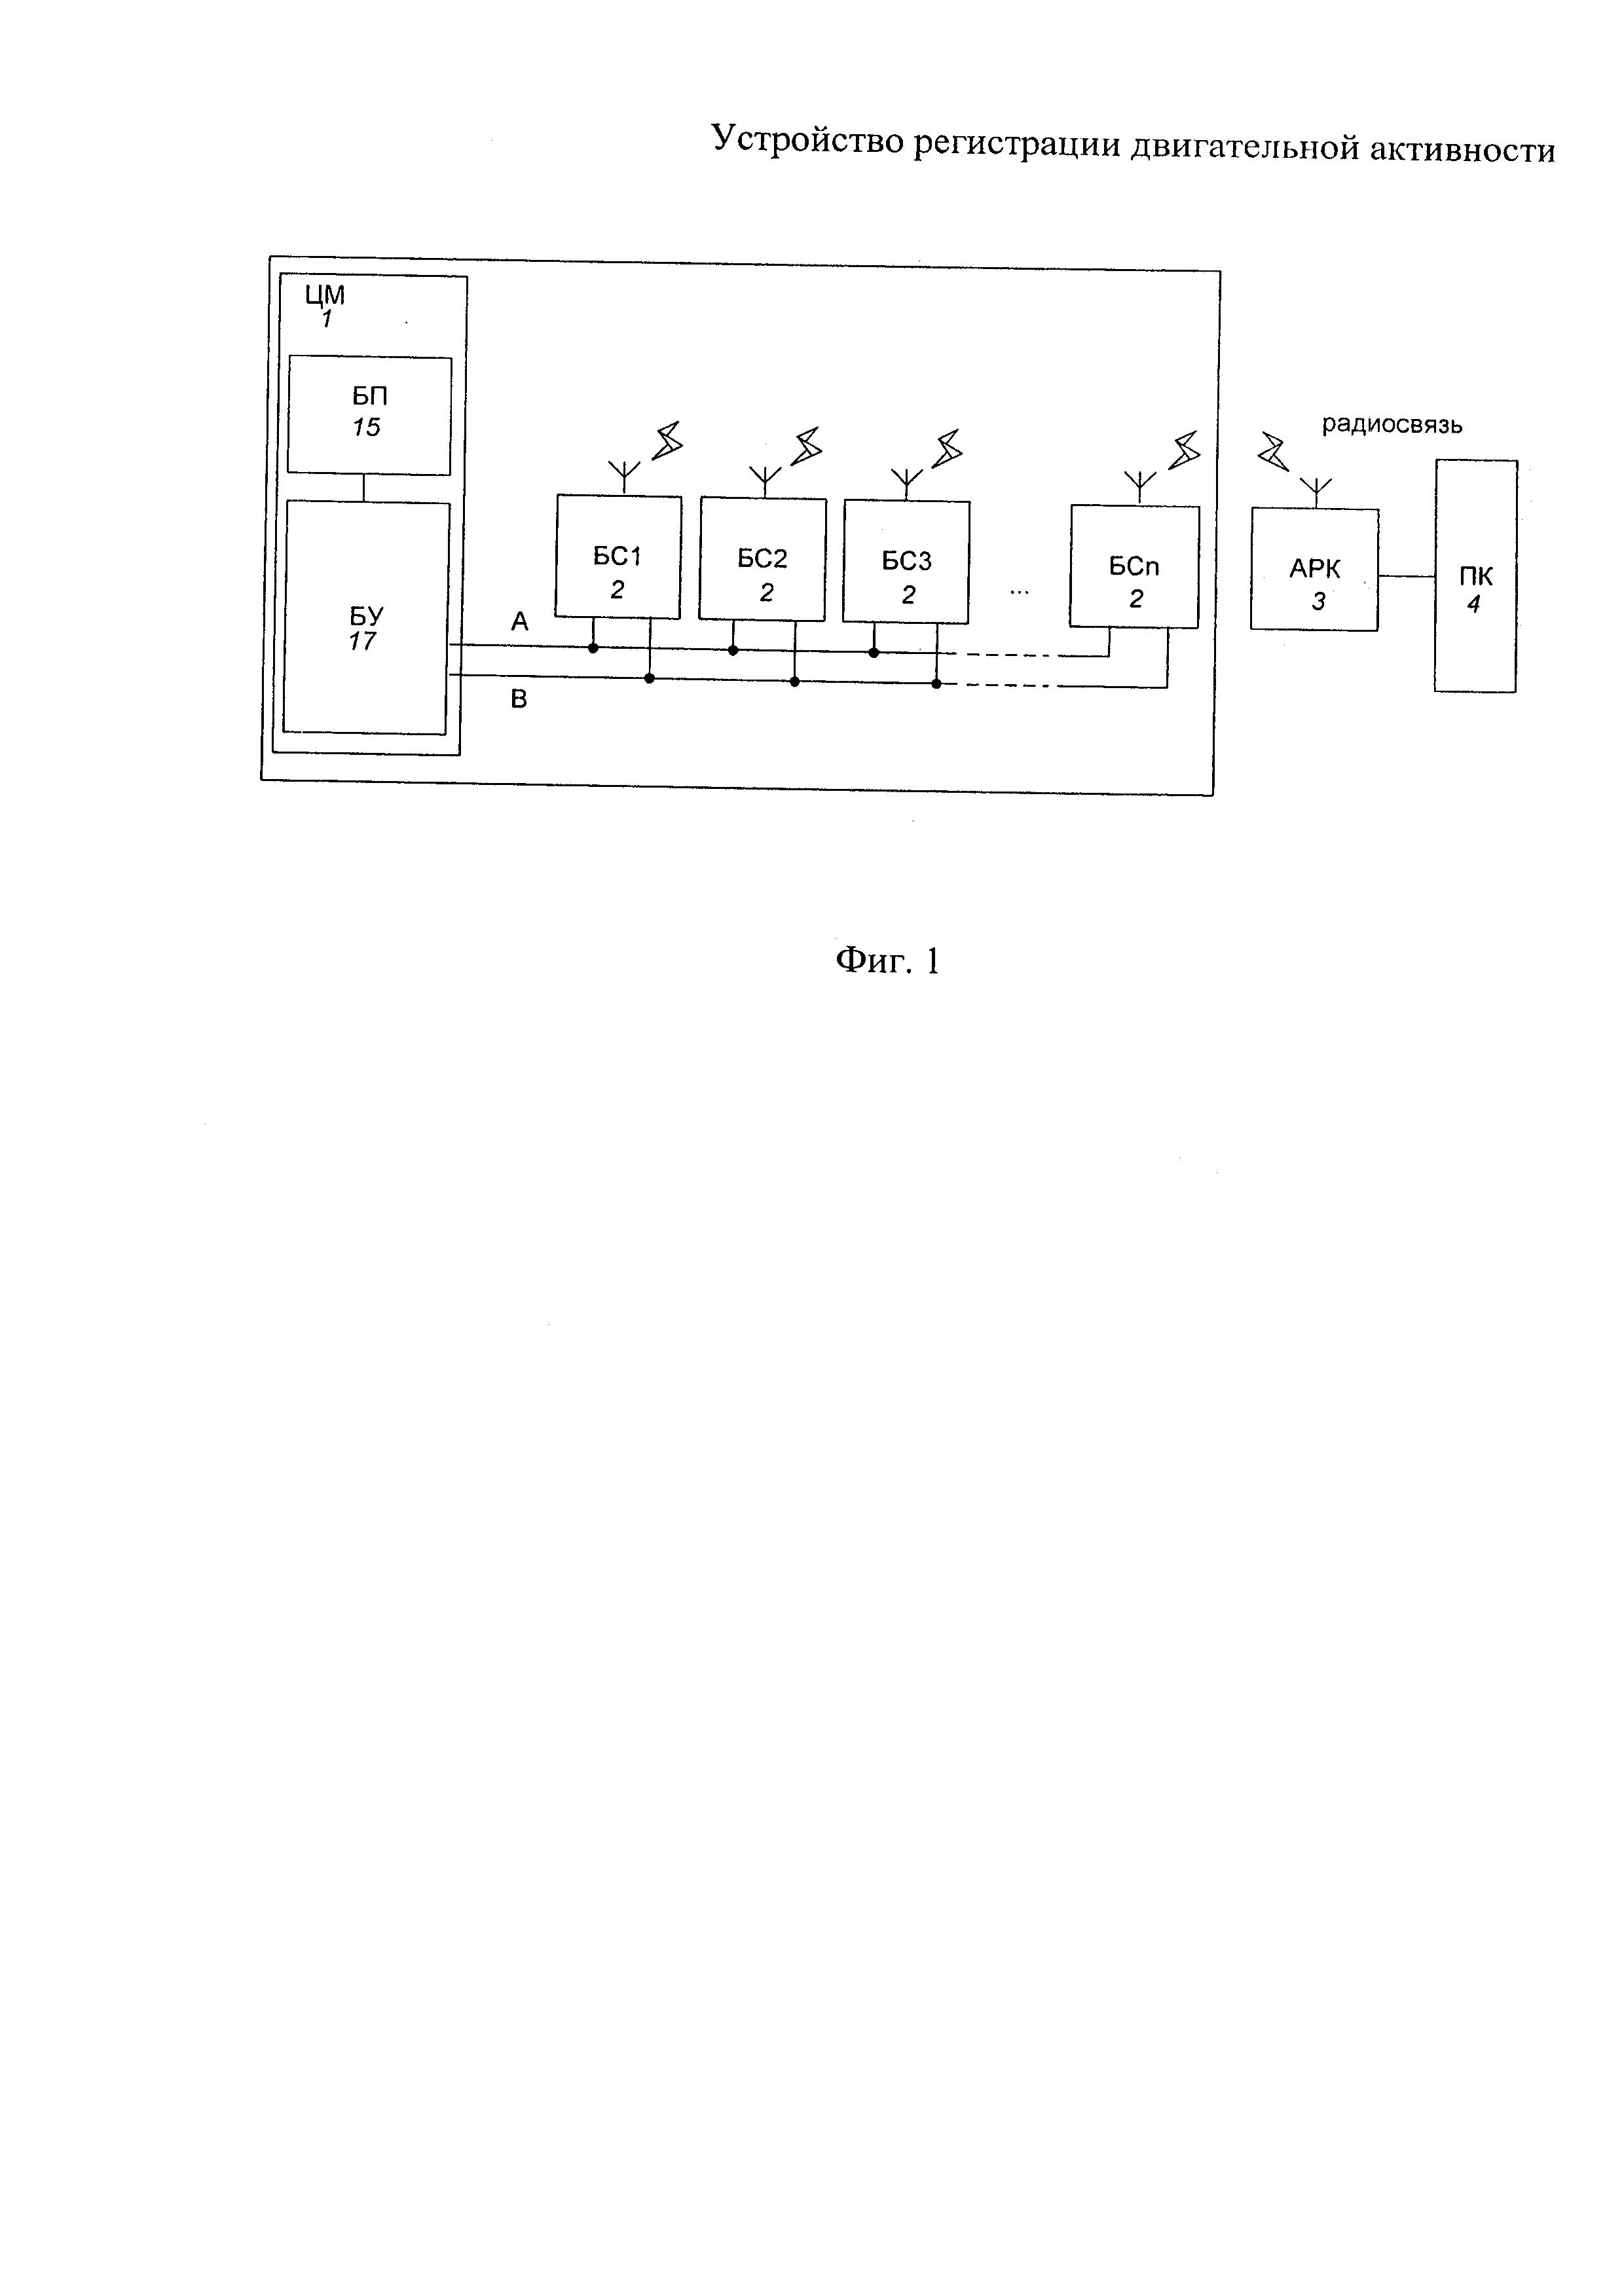 Устройство регистрации двигательной активности